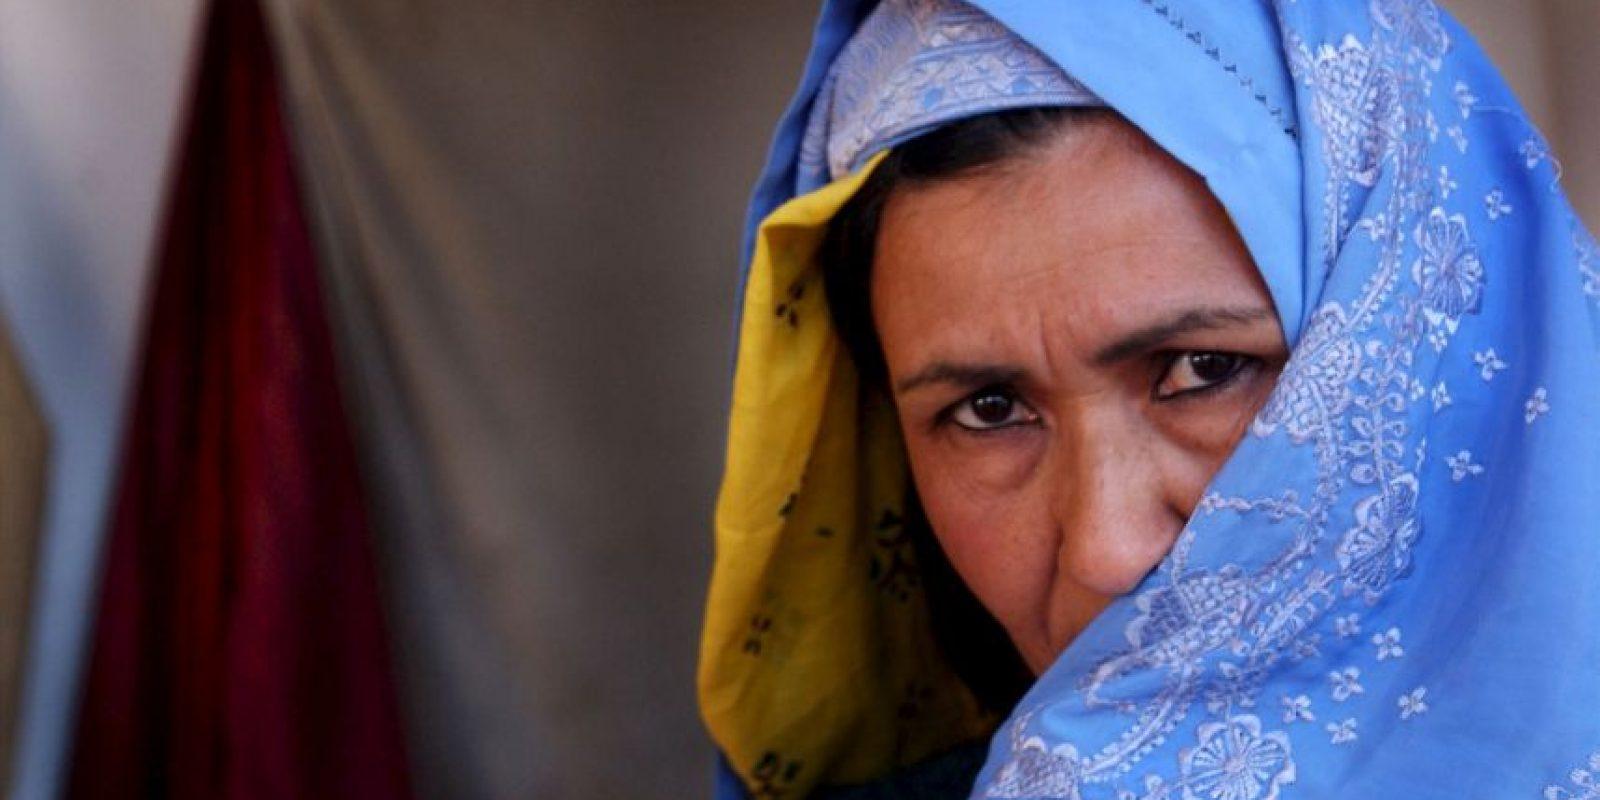 Es por eso que Pakistán está considerado el tercer país más peligroso del mundo para las mujeres. Foto:Getty Images